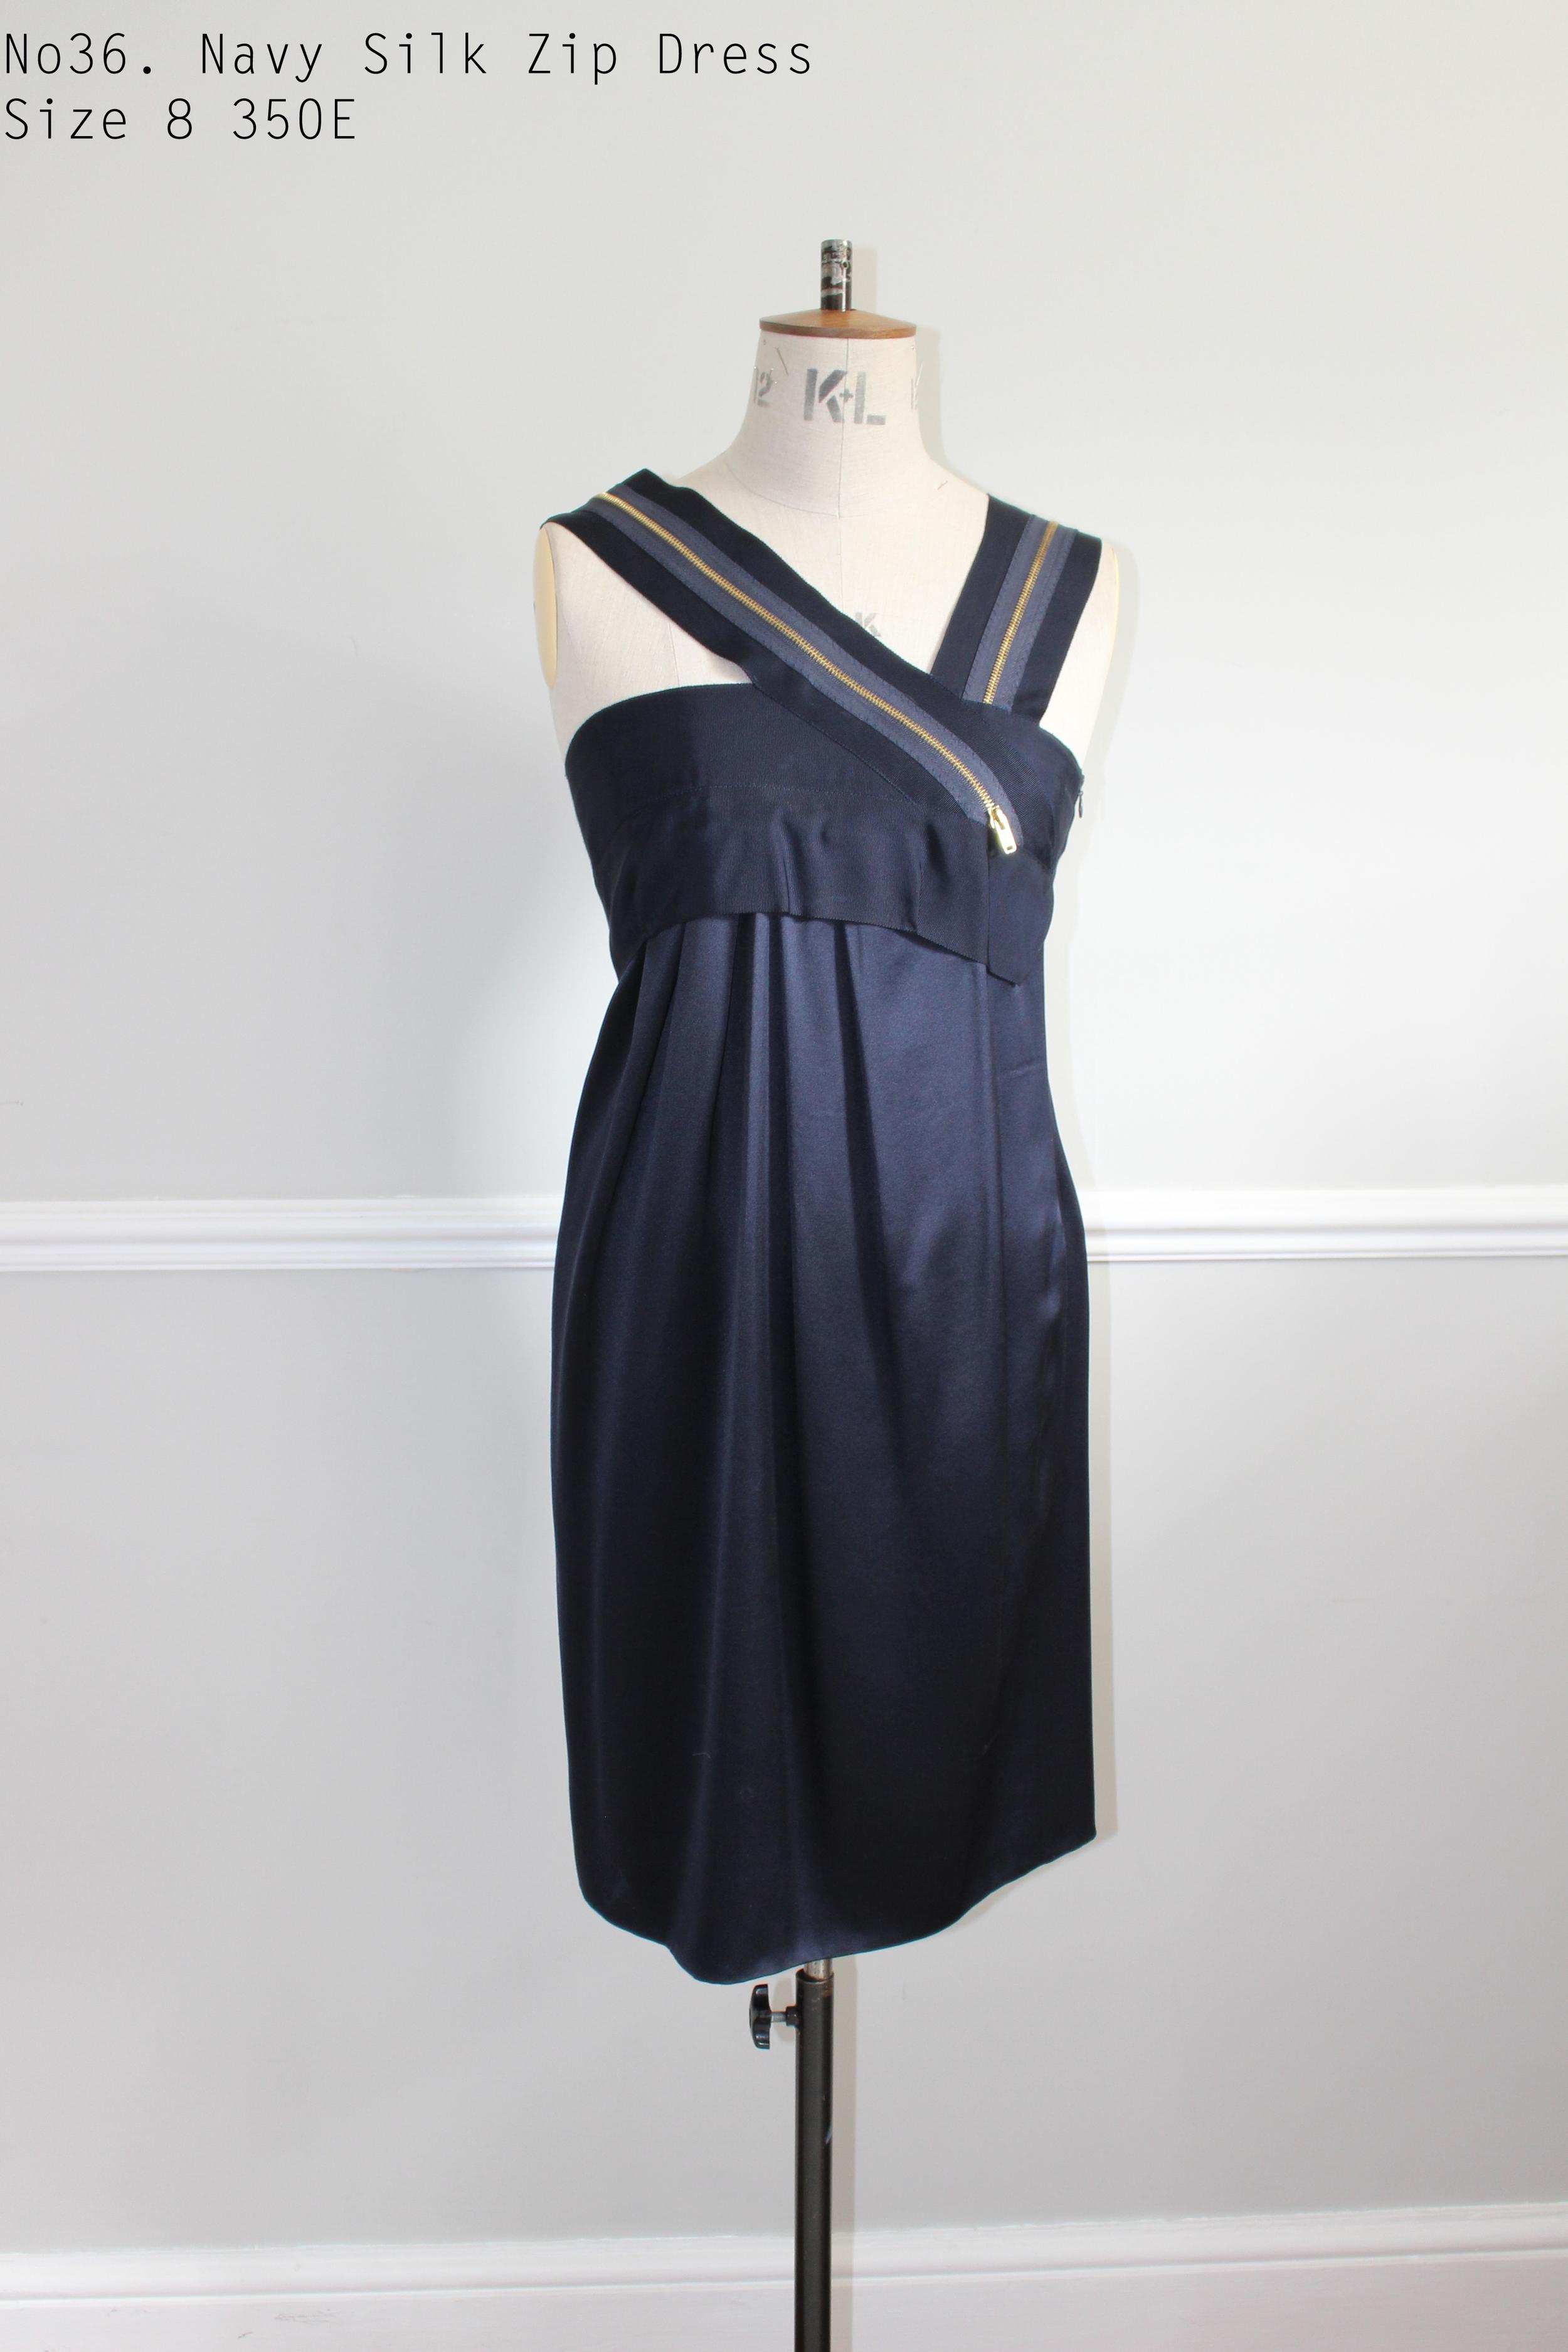 No36. Navy Silk Zip Dress Size 8 350E.jpg